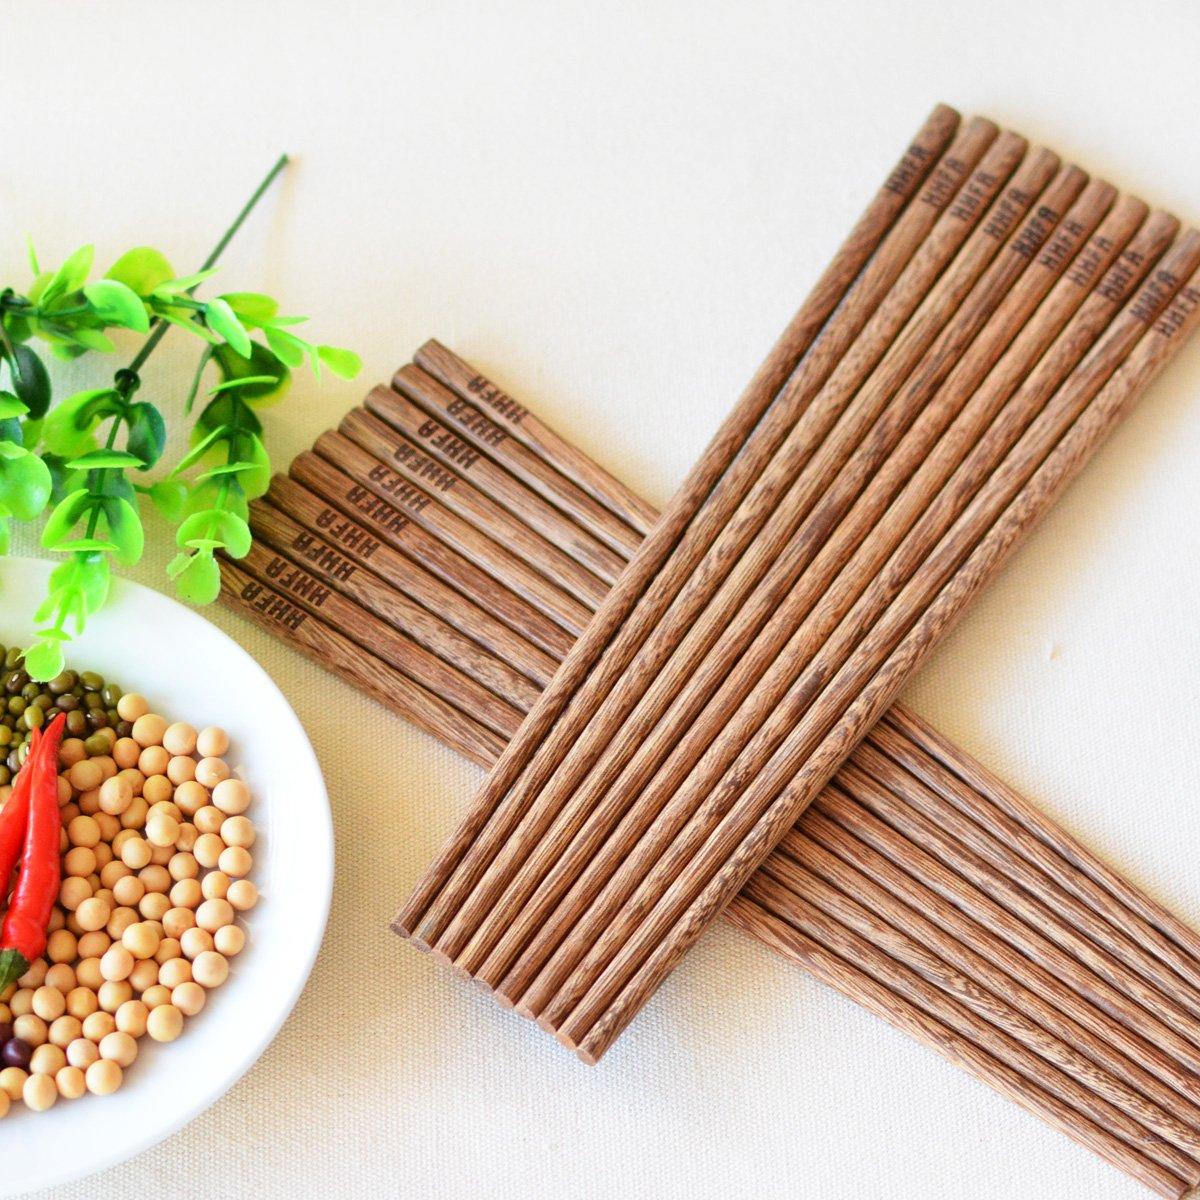 原木实木红木 无漆无油无蜡 环保 纯手工制作 木制筷子 共10双